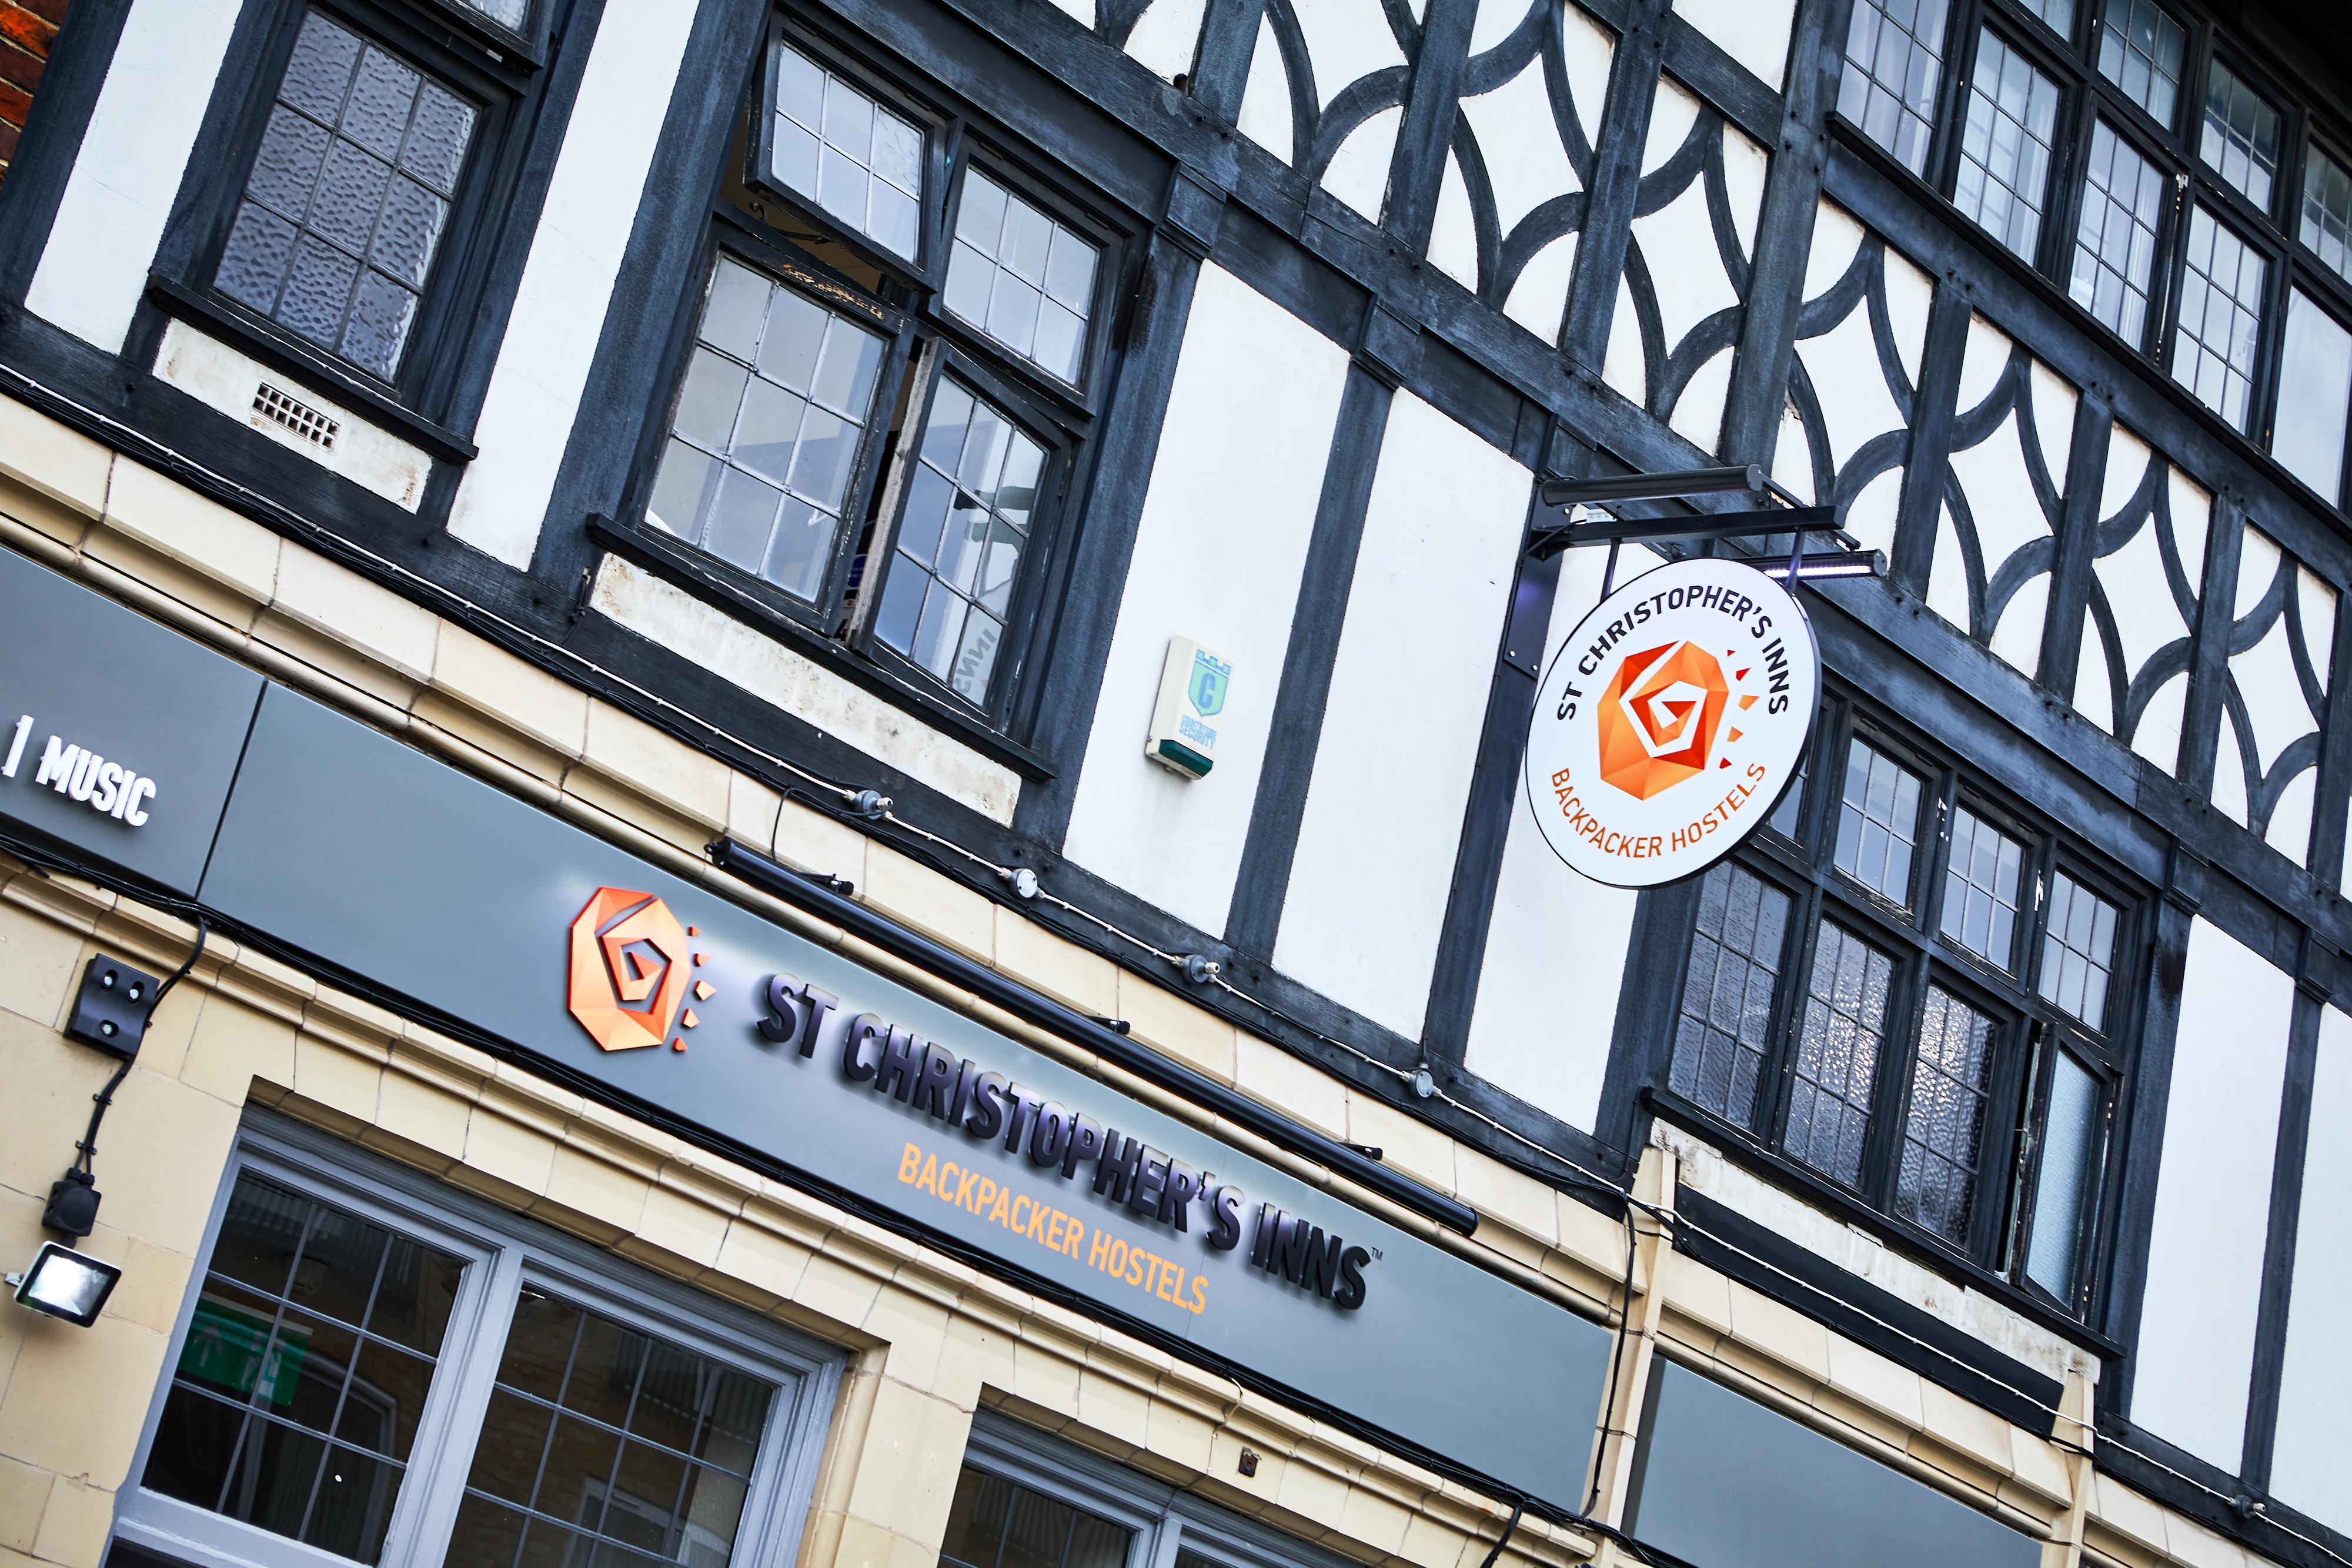 St Christopher's Camden